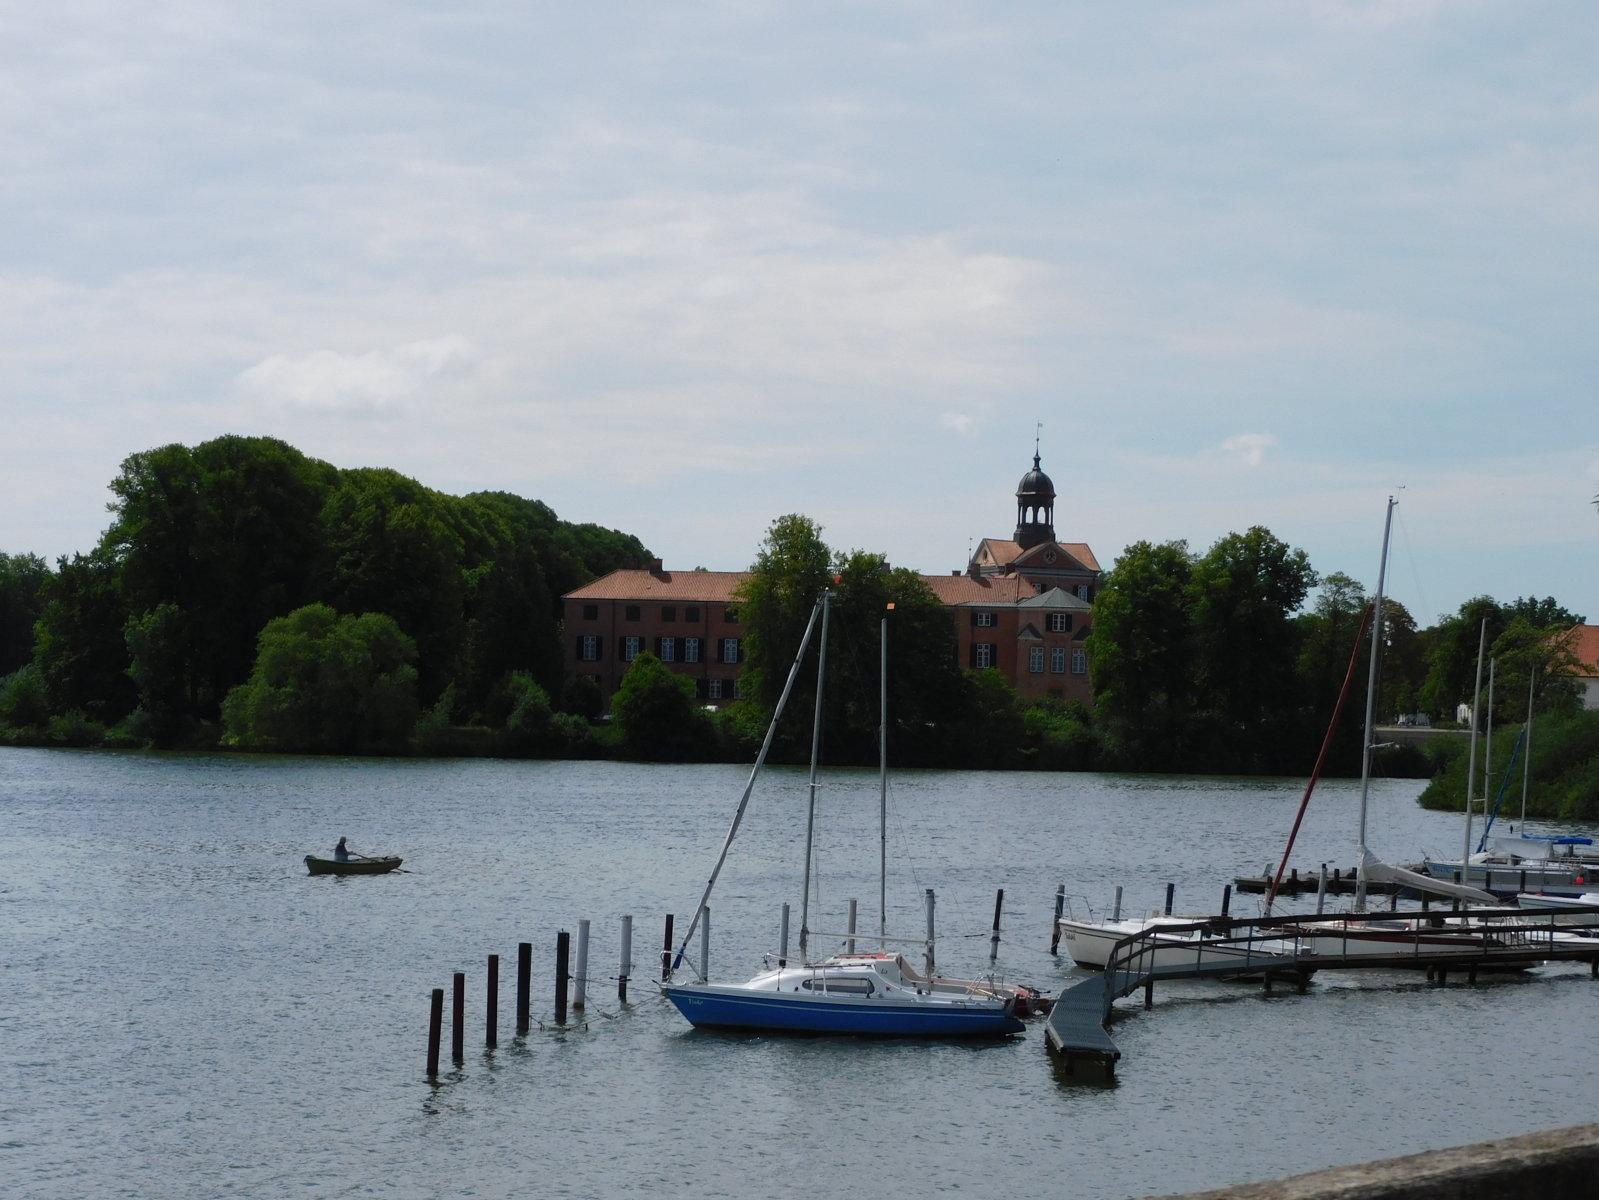 Schloss Eutin auf der anderen Seeseite